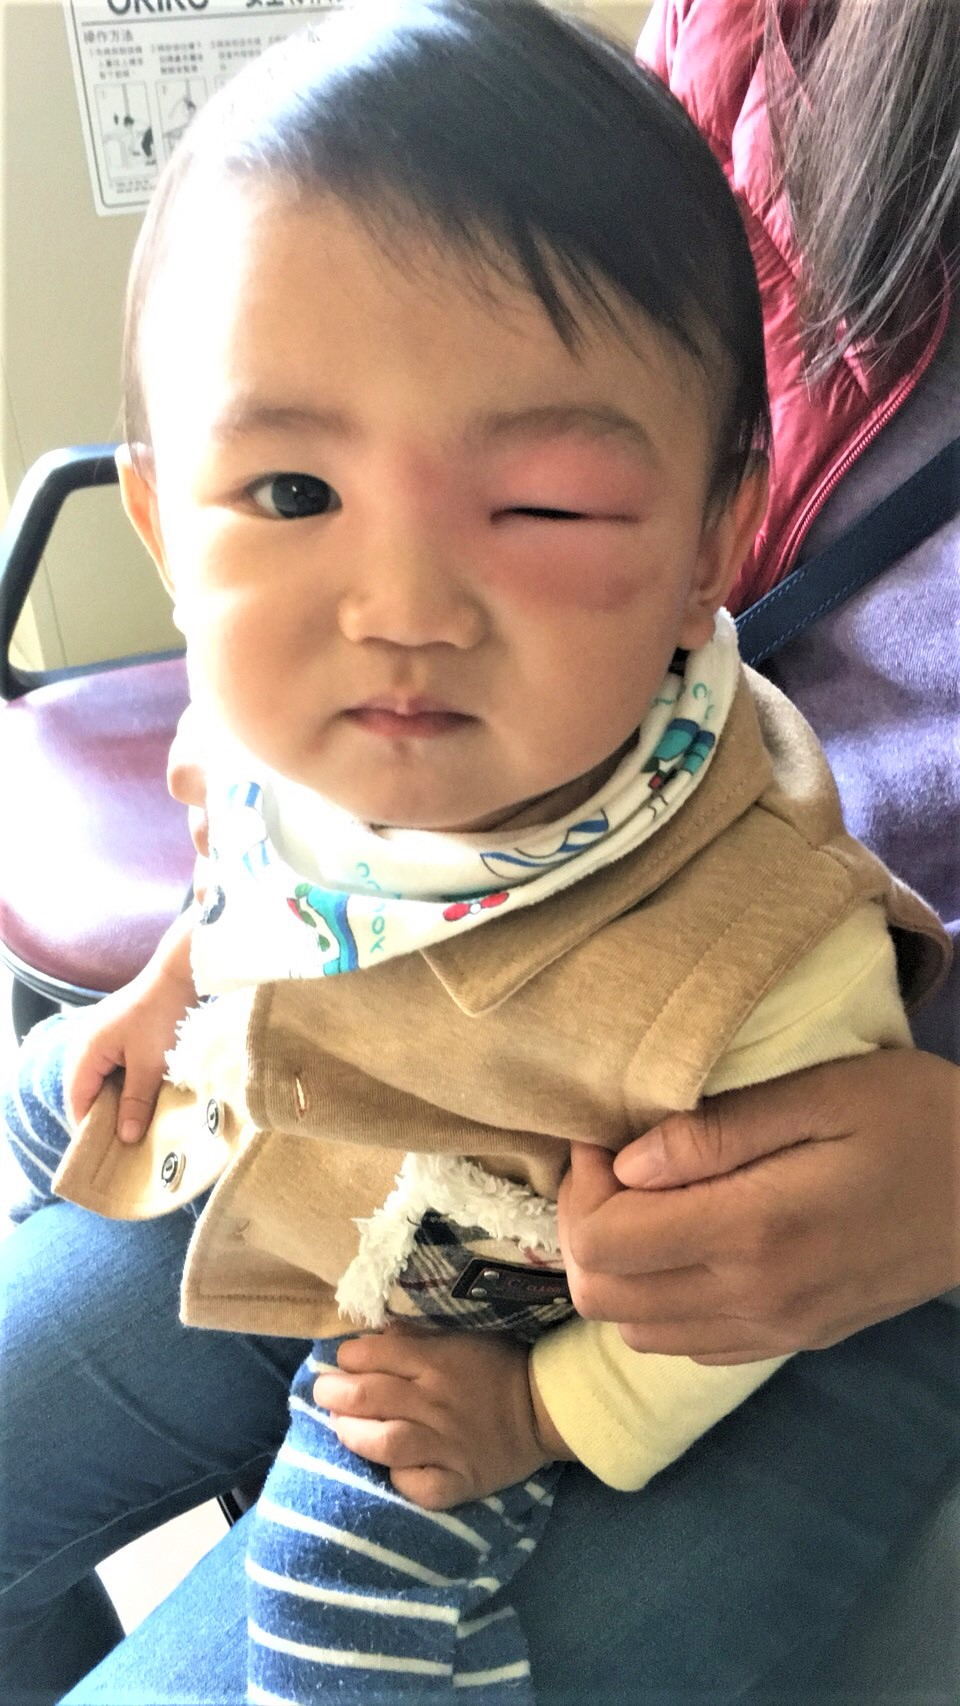 爸媽別輕忽!4歲童險死 蚊子禍害超乎想像 | 蜂窩性組織炎 | 壞死性筋膜炎 | 噬肉菌感染 | 大紀元